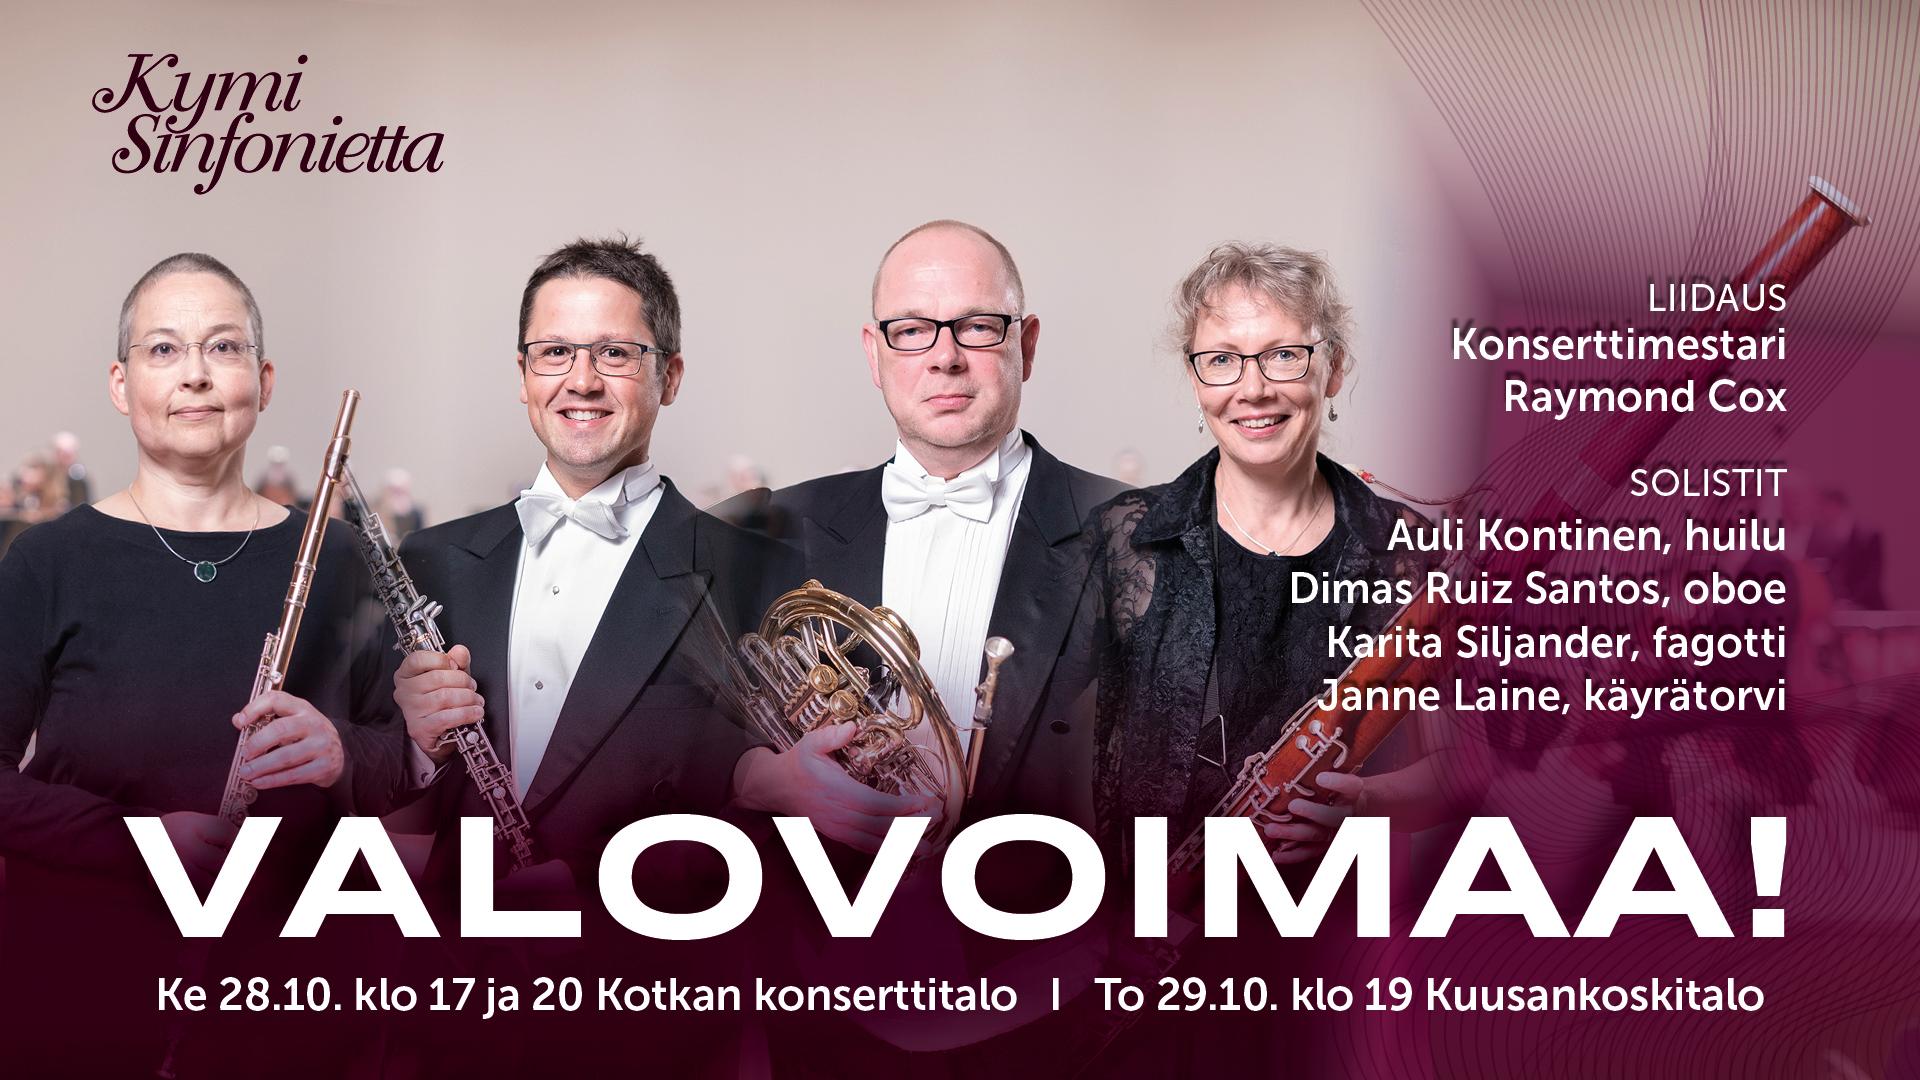 Kymi Sinfonietta: Valovoimaa!